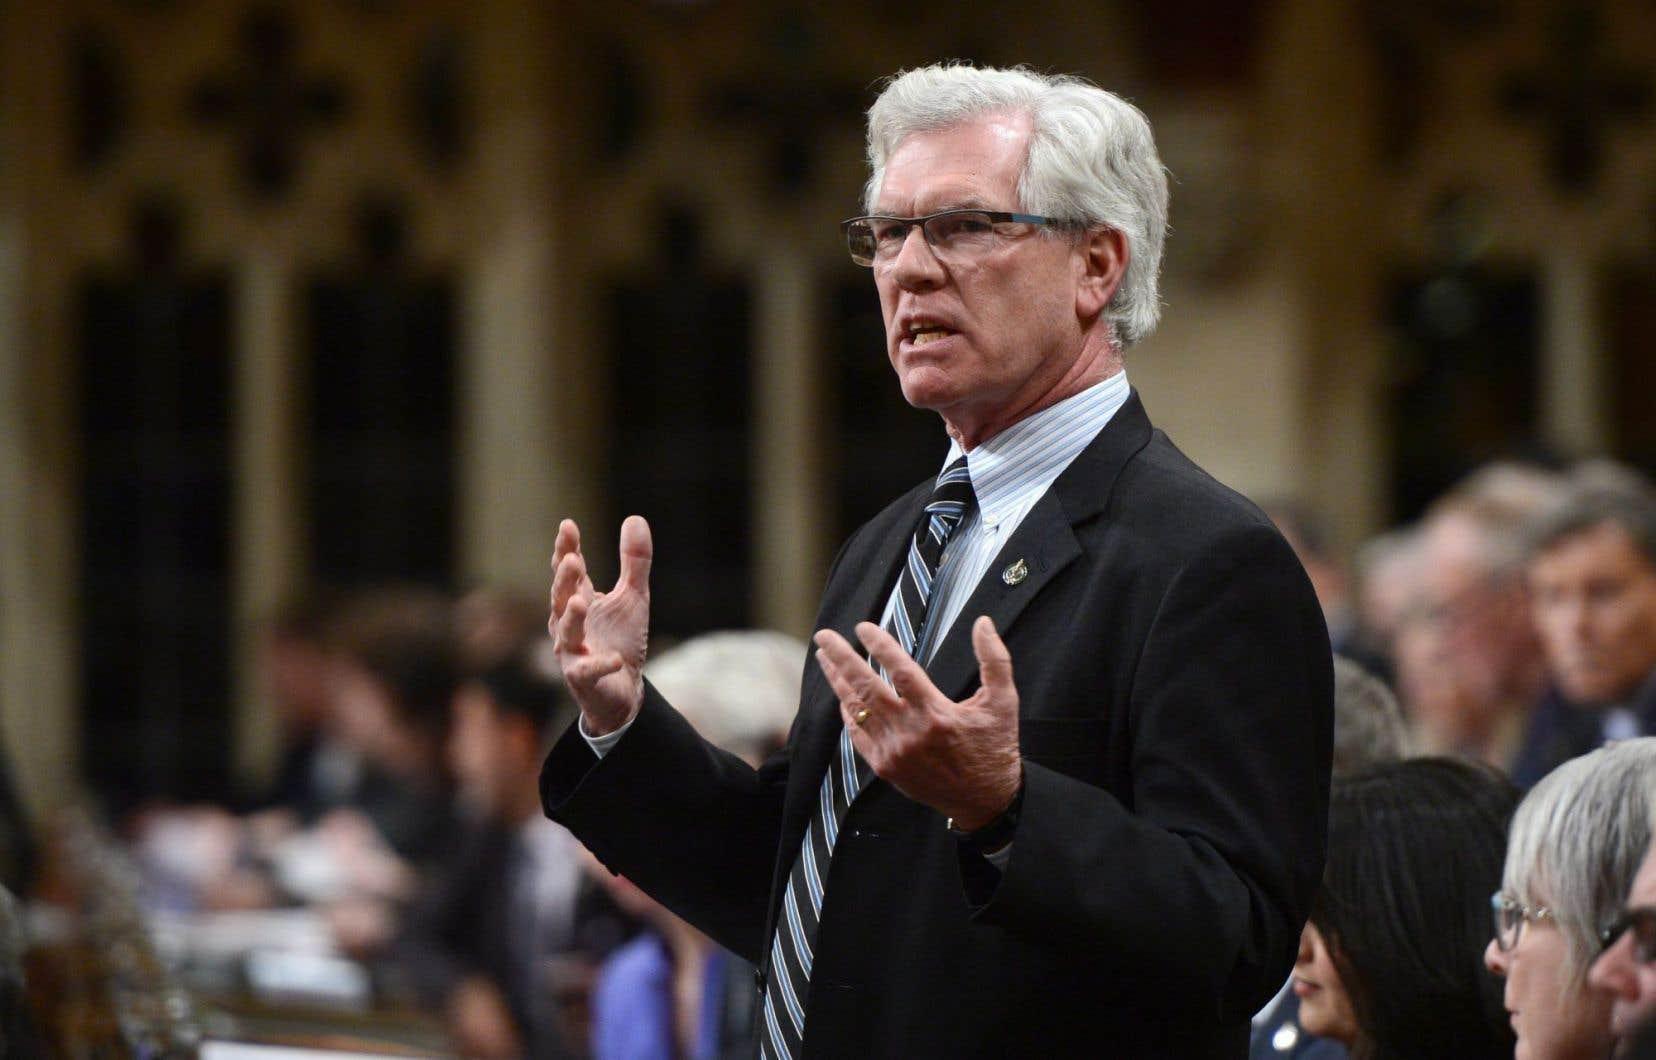 Le ministre des Ressources naturelles, Jim Carr, a annoncé la nomination des nouveaux membres «temporaires» de l'Office national de l'énergie (ONE).